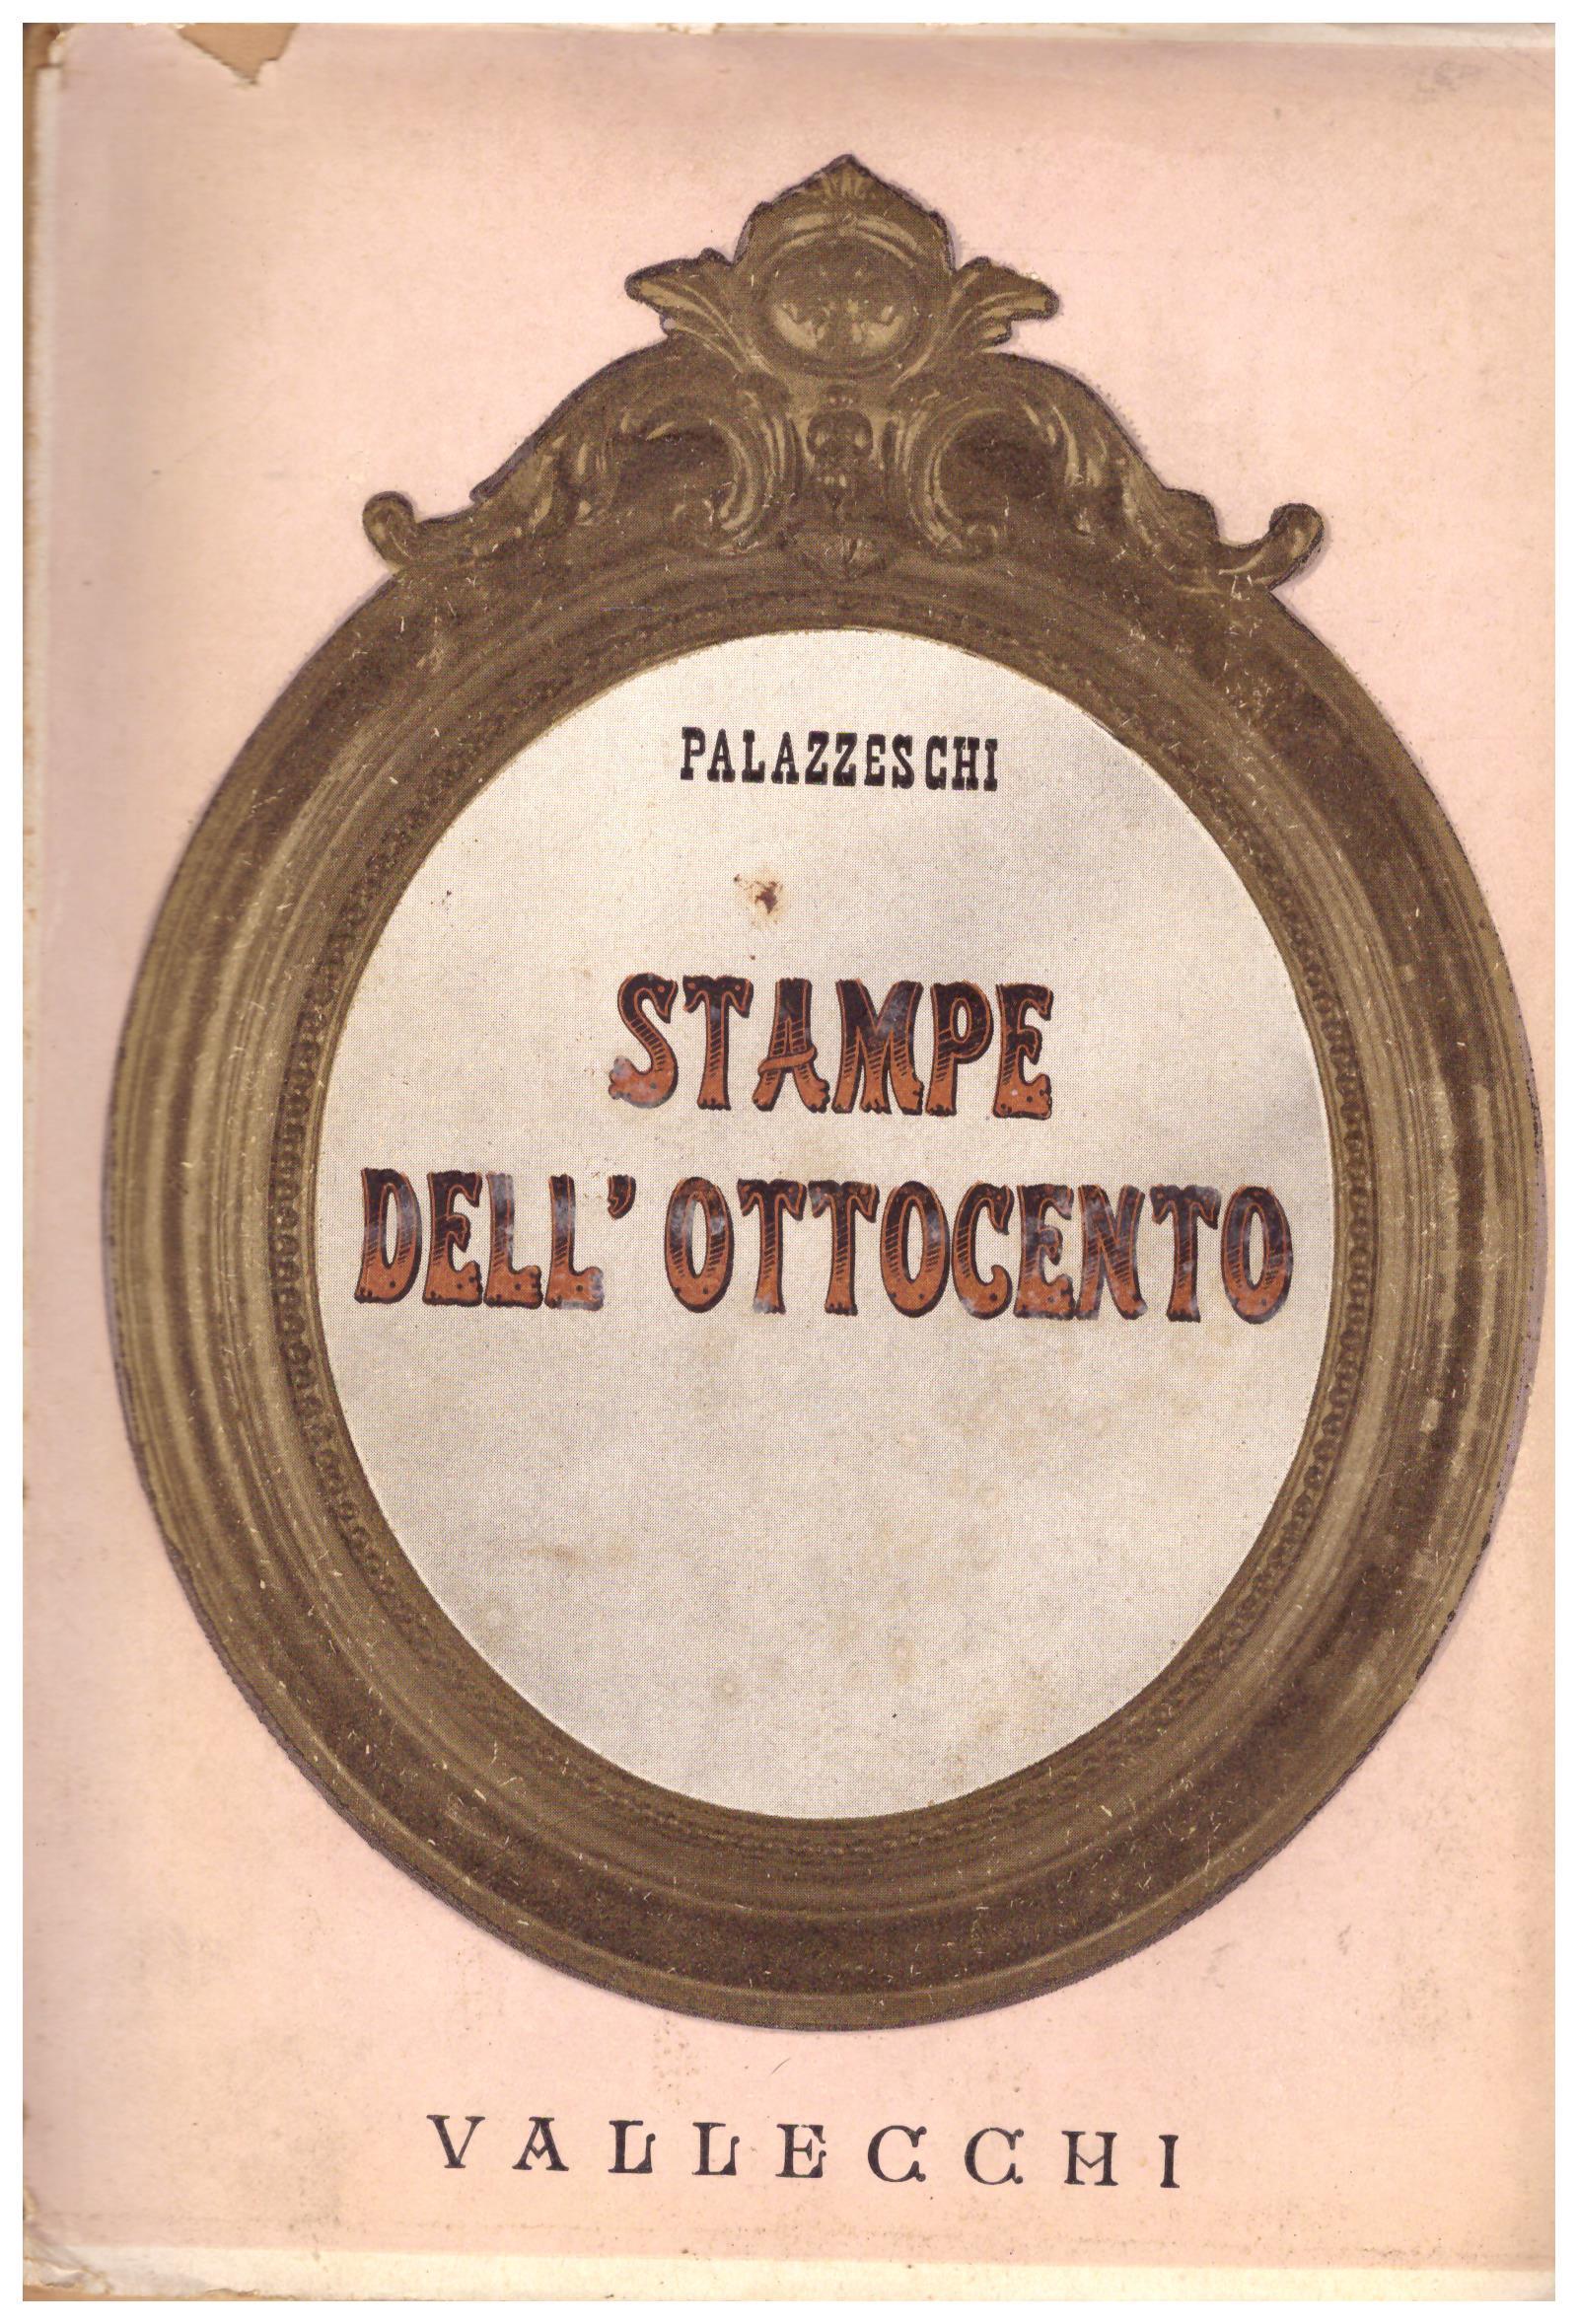 Titolo: Stampe dell'ottocento Autore: Aldo Palazzeschi Editore: Vallecchi editore Firenze, 1938